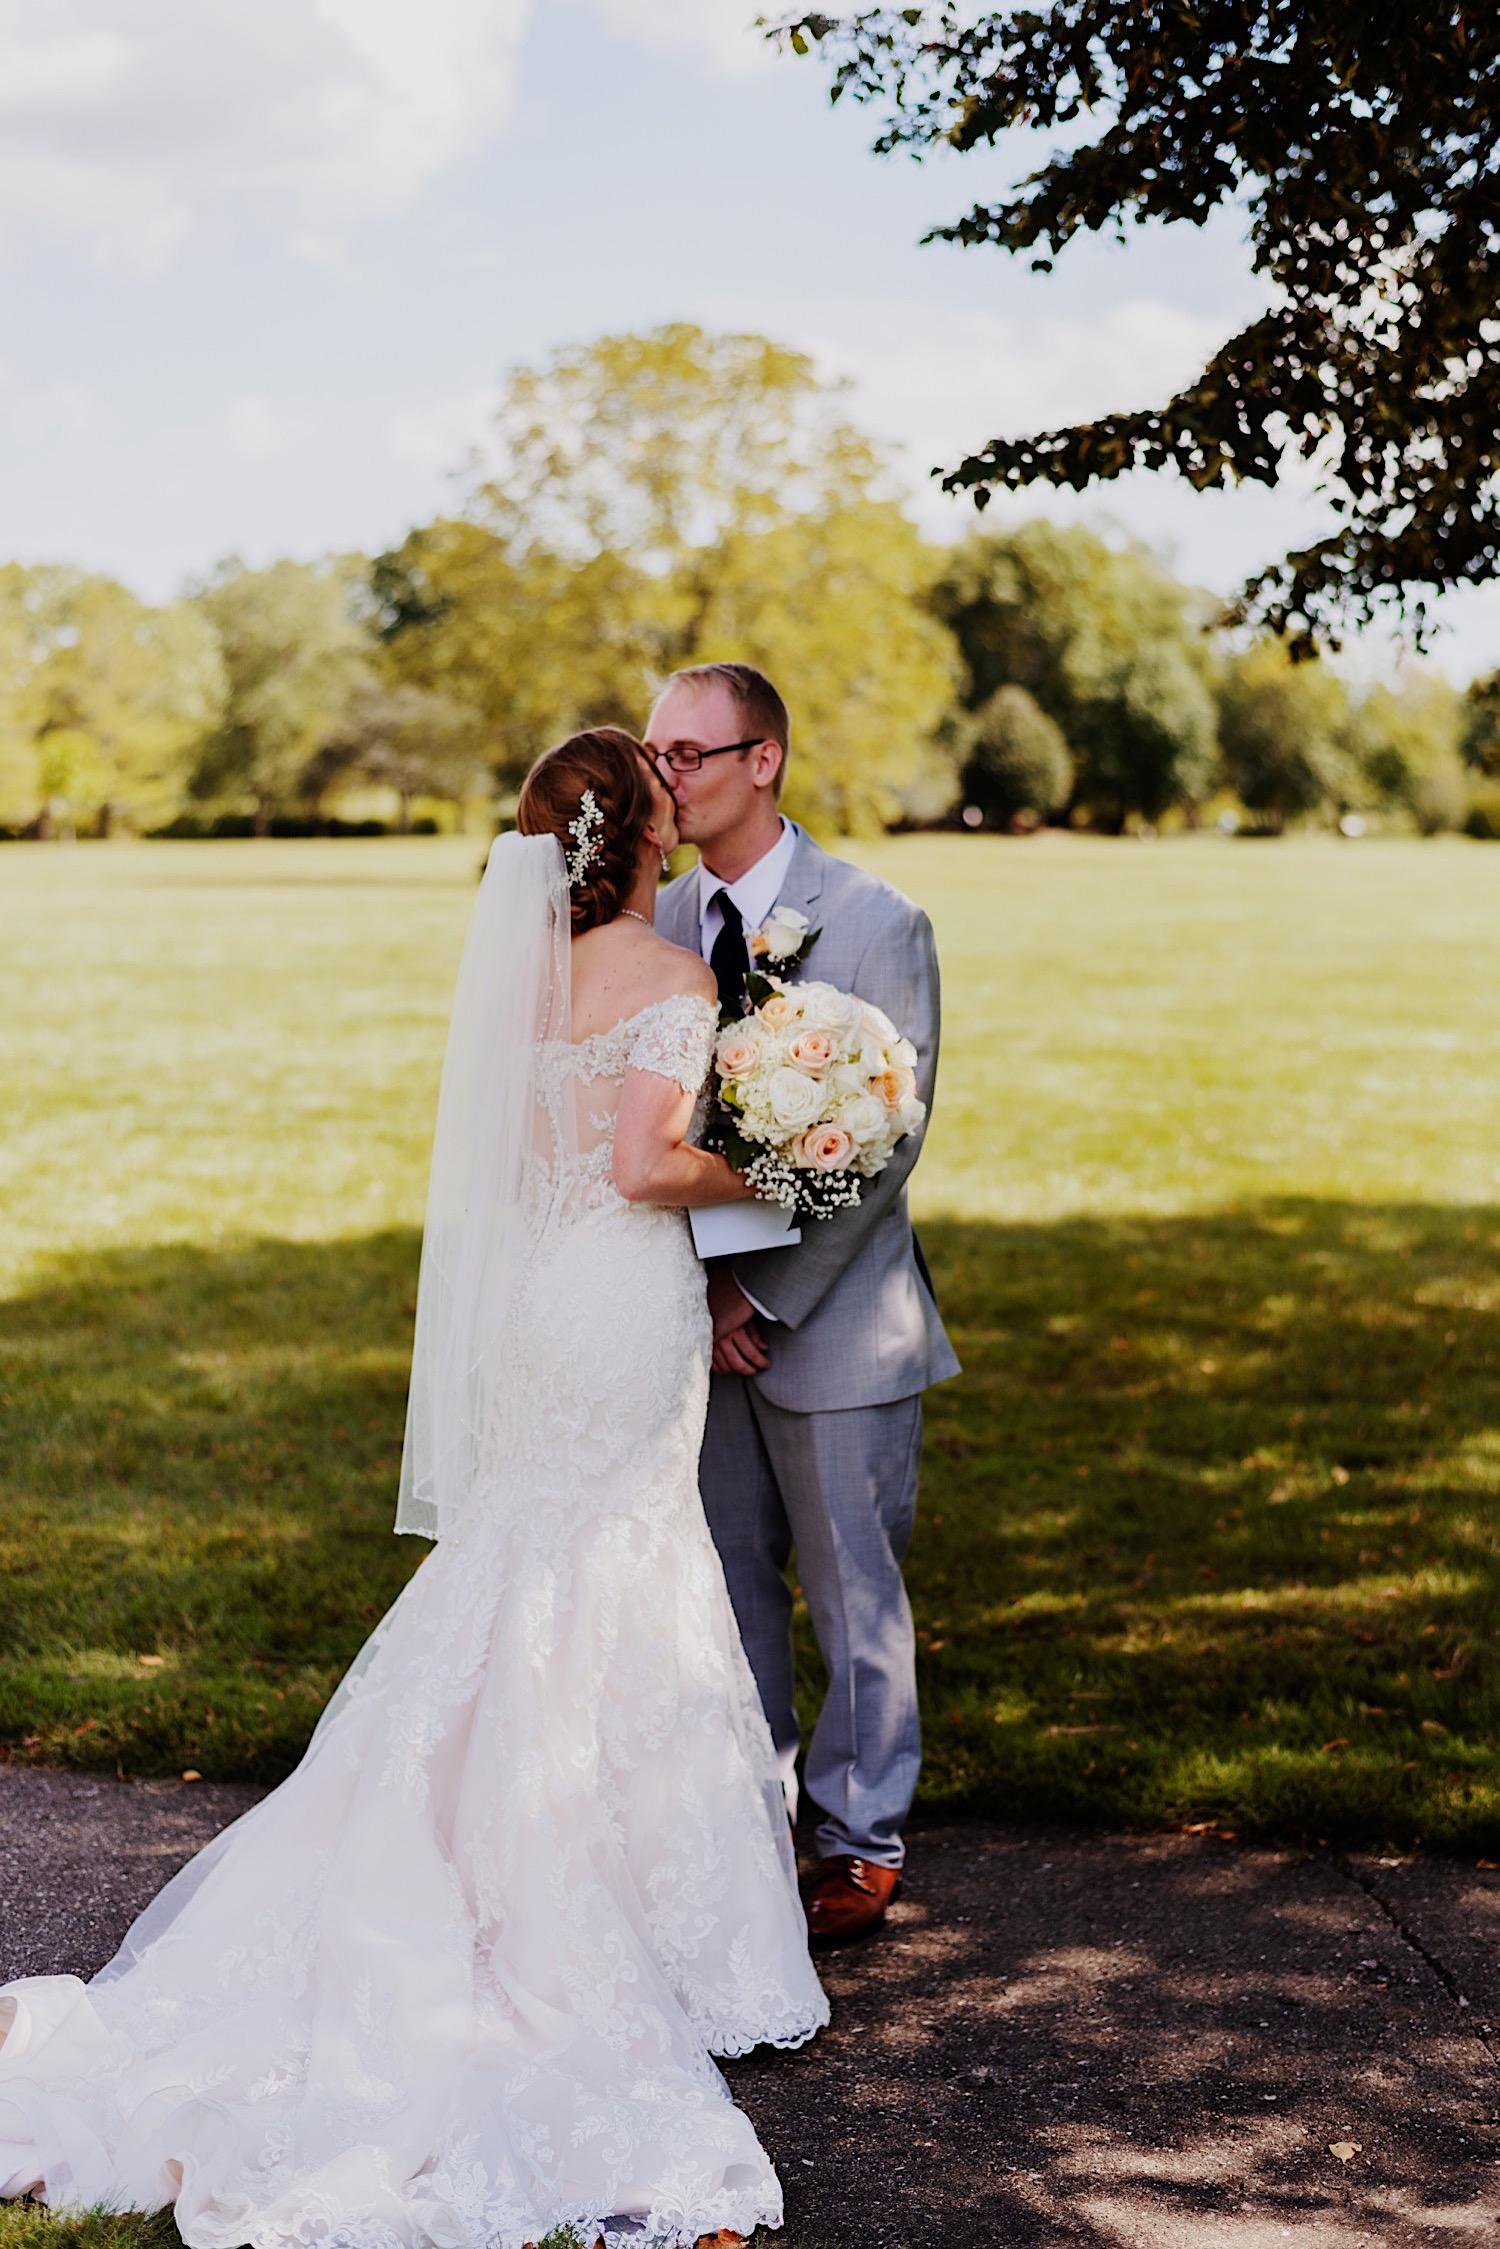 008_Dodd-Hejnar-Riverside-Reception-Geneva-Illinois-Wedding_0012.jpg